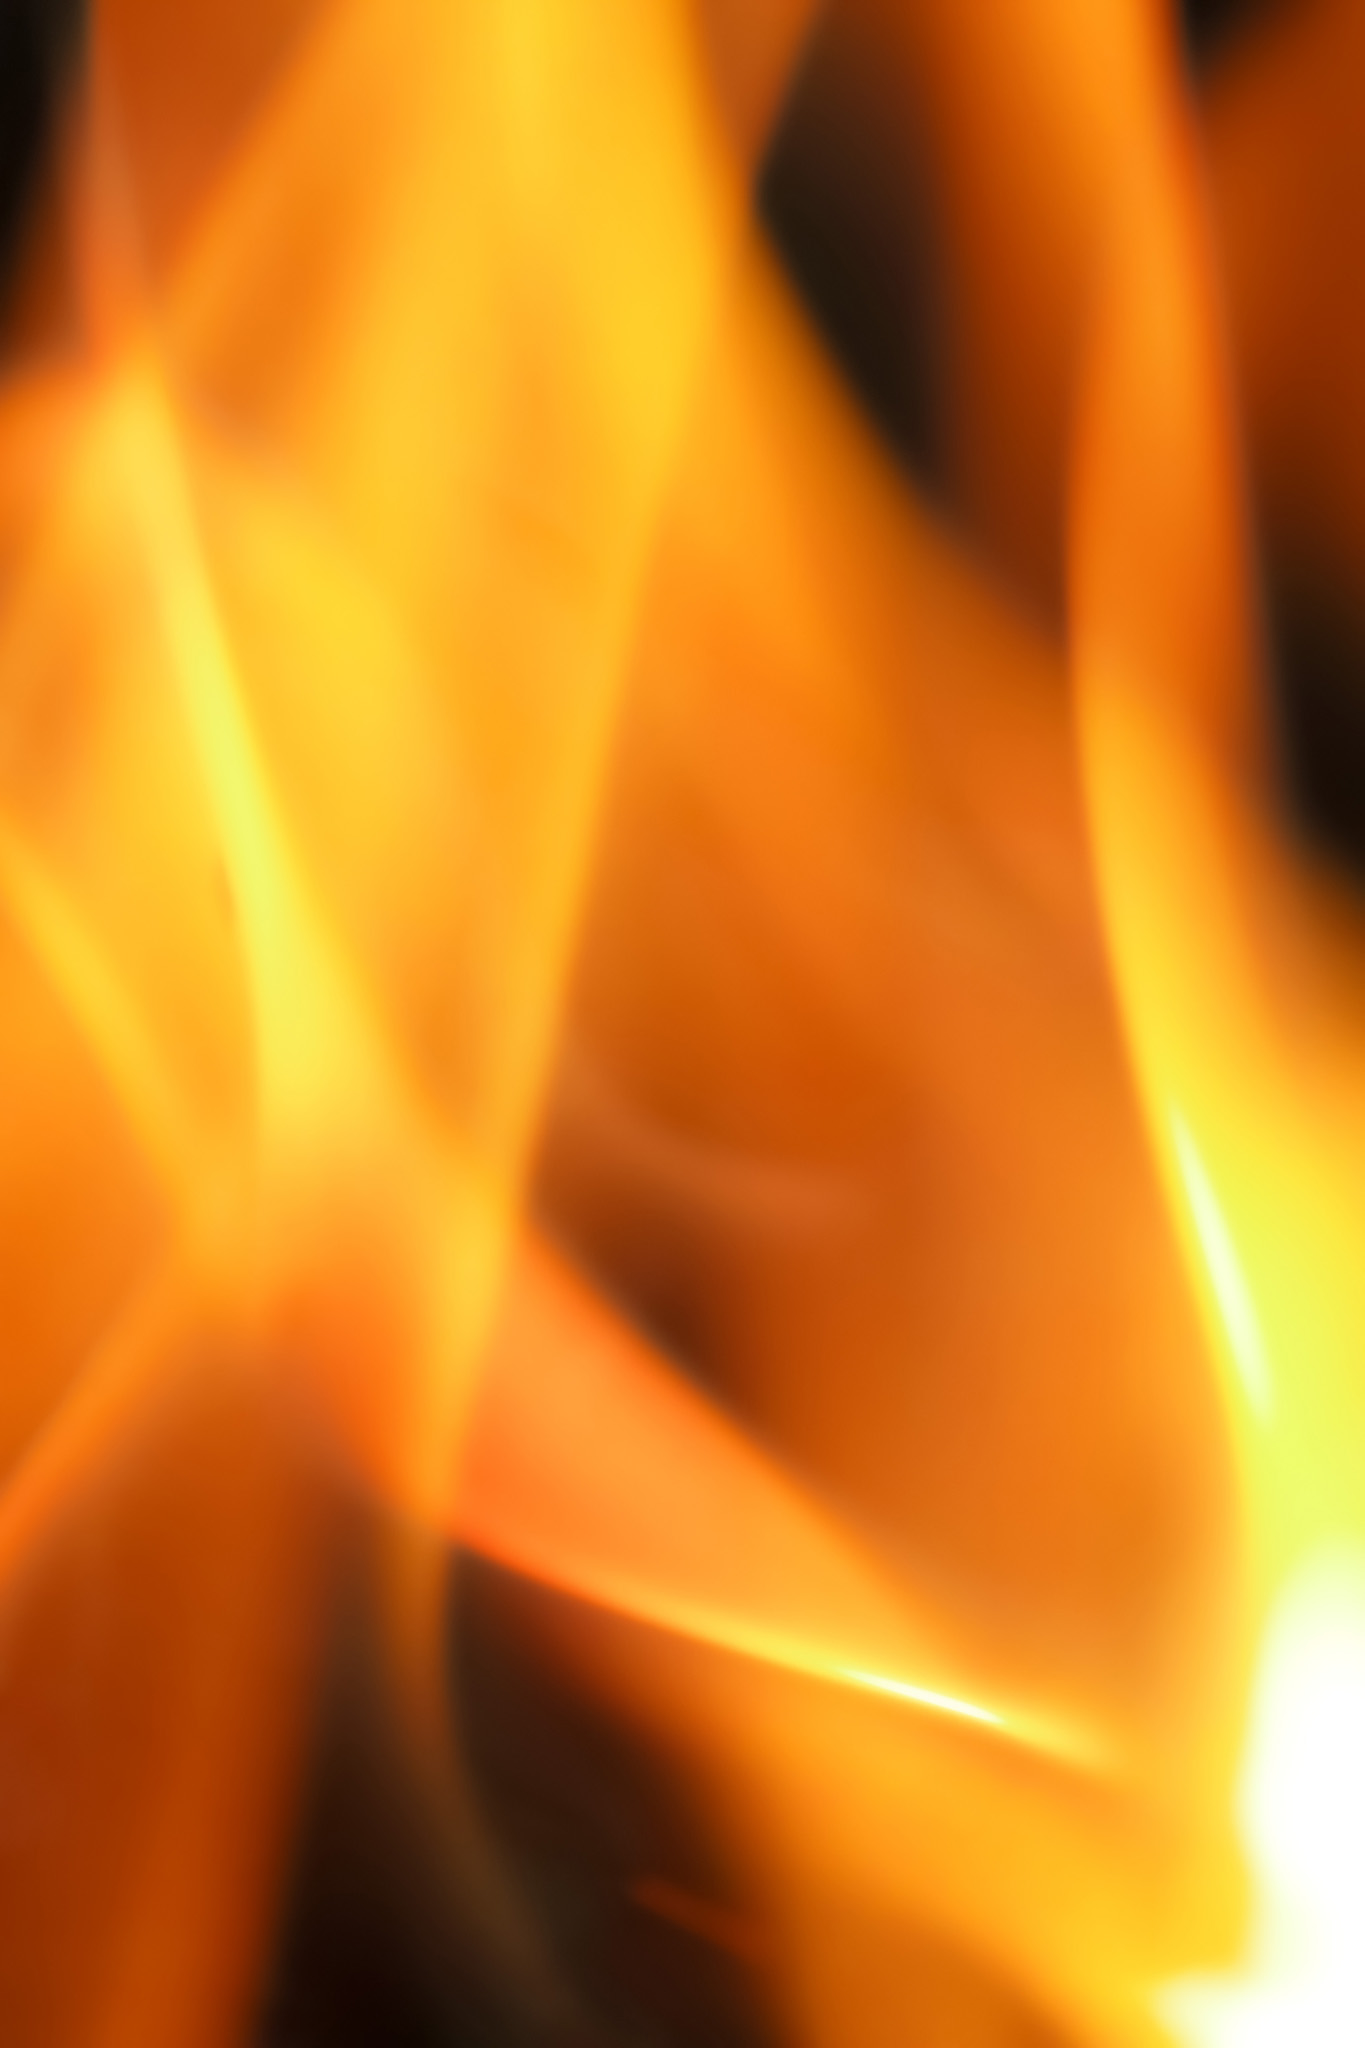 「天を焦がす勢いの炎」